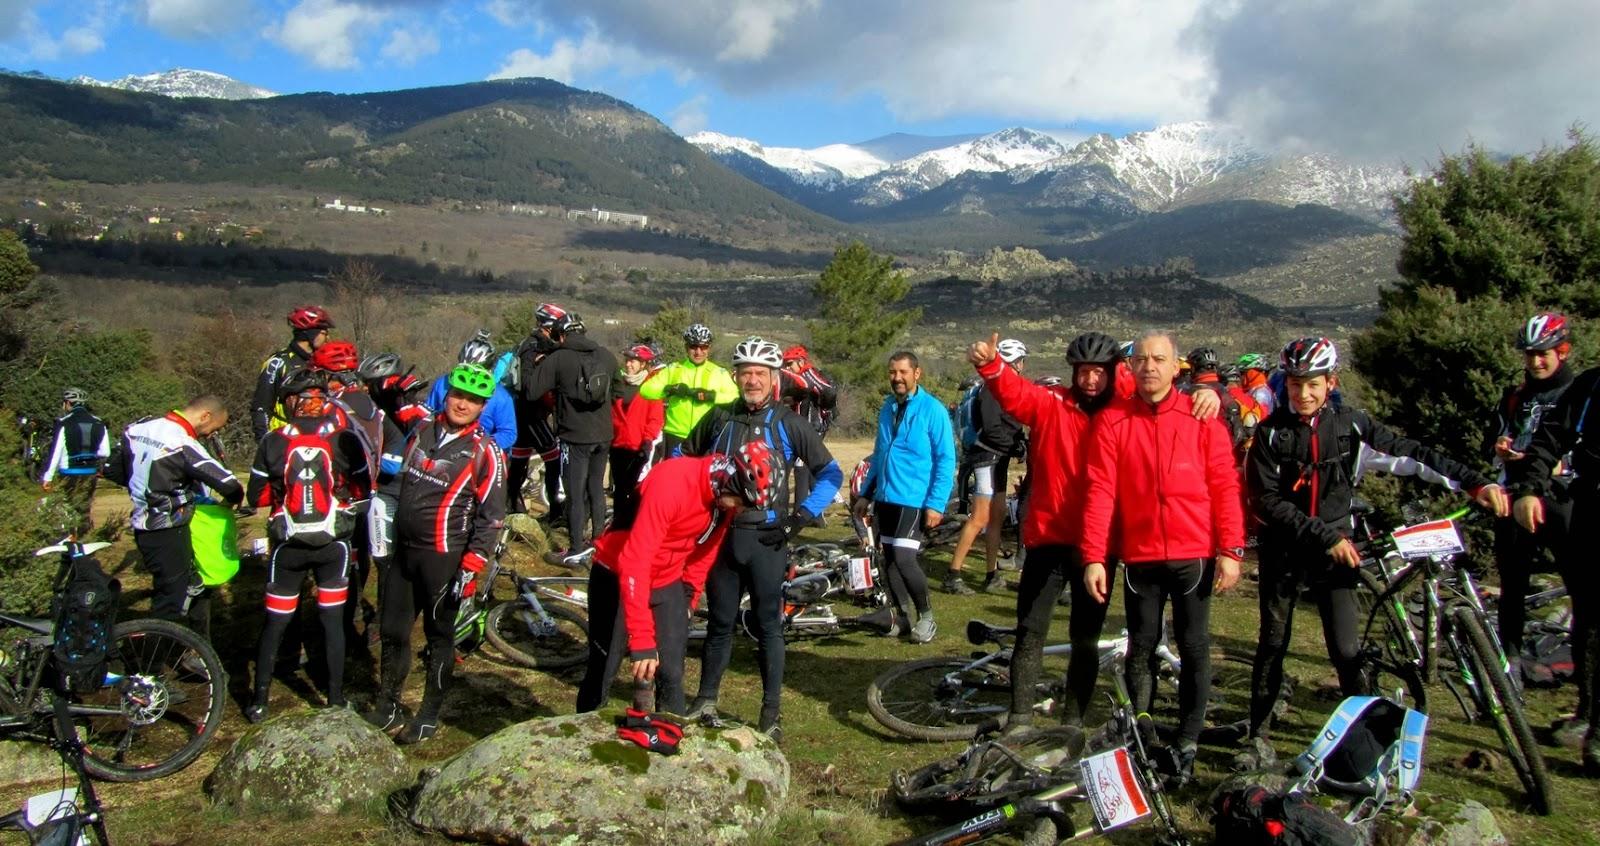 Moralzarzal, Navacerrada y casi Alpedrete